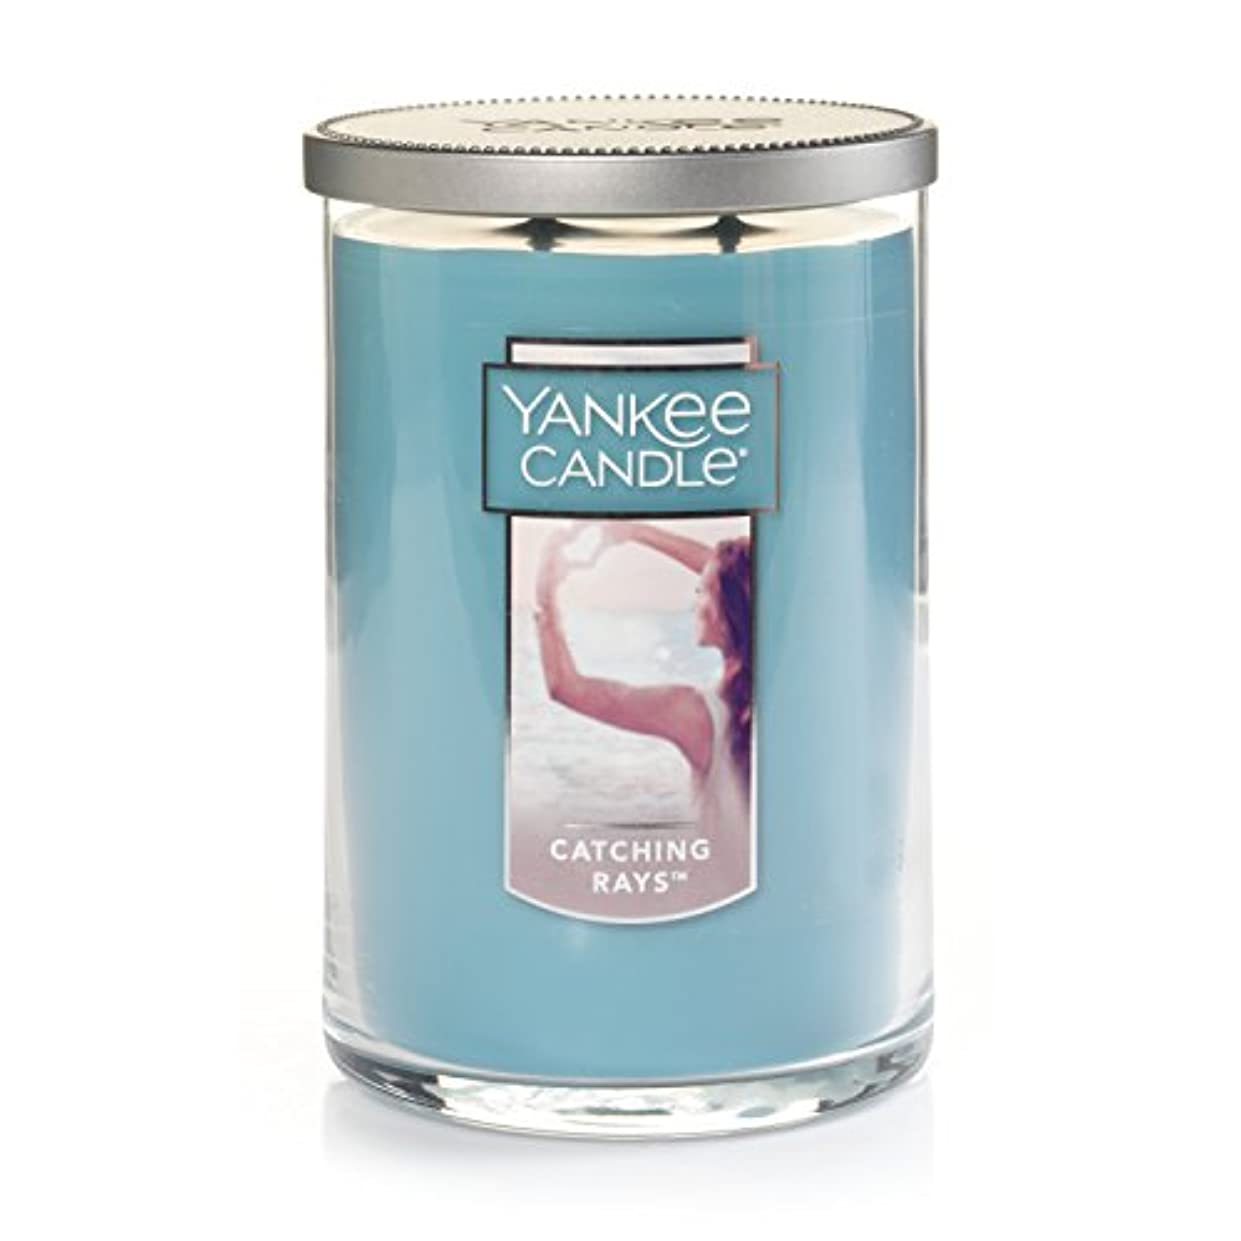 キャプテン空中石(ヤンキーキャンドル) Yankee Candle Lサイズ ジャーキャンドル Large 2-Wick Tumbler Candle ブルー 1351630Z